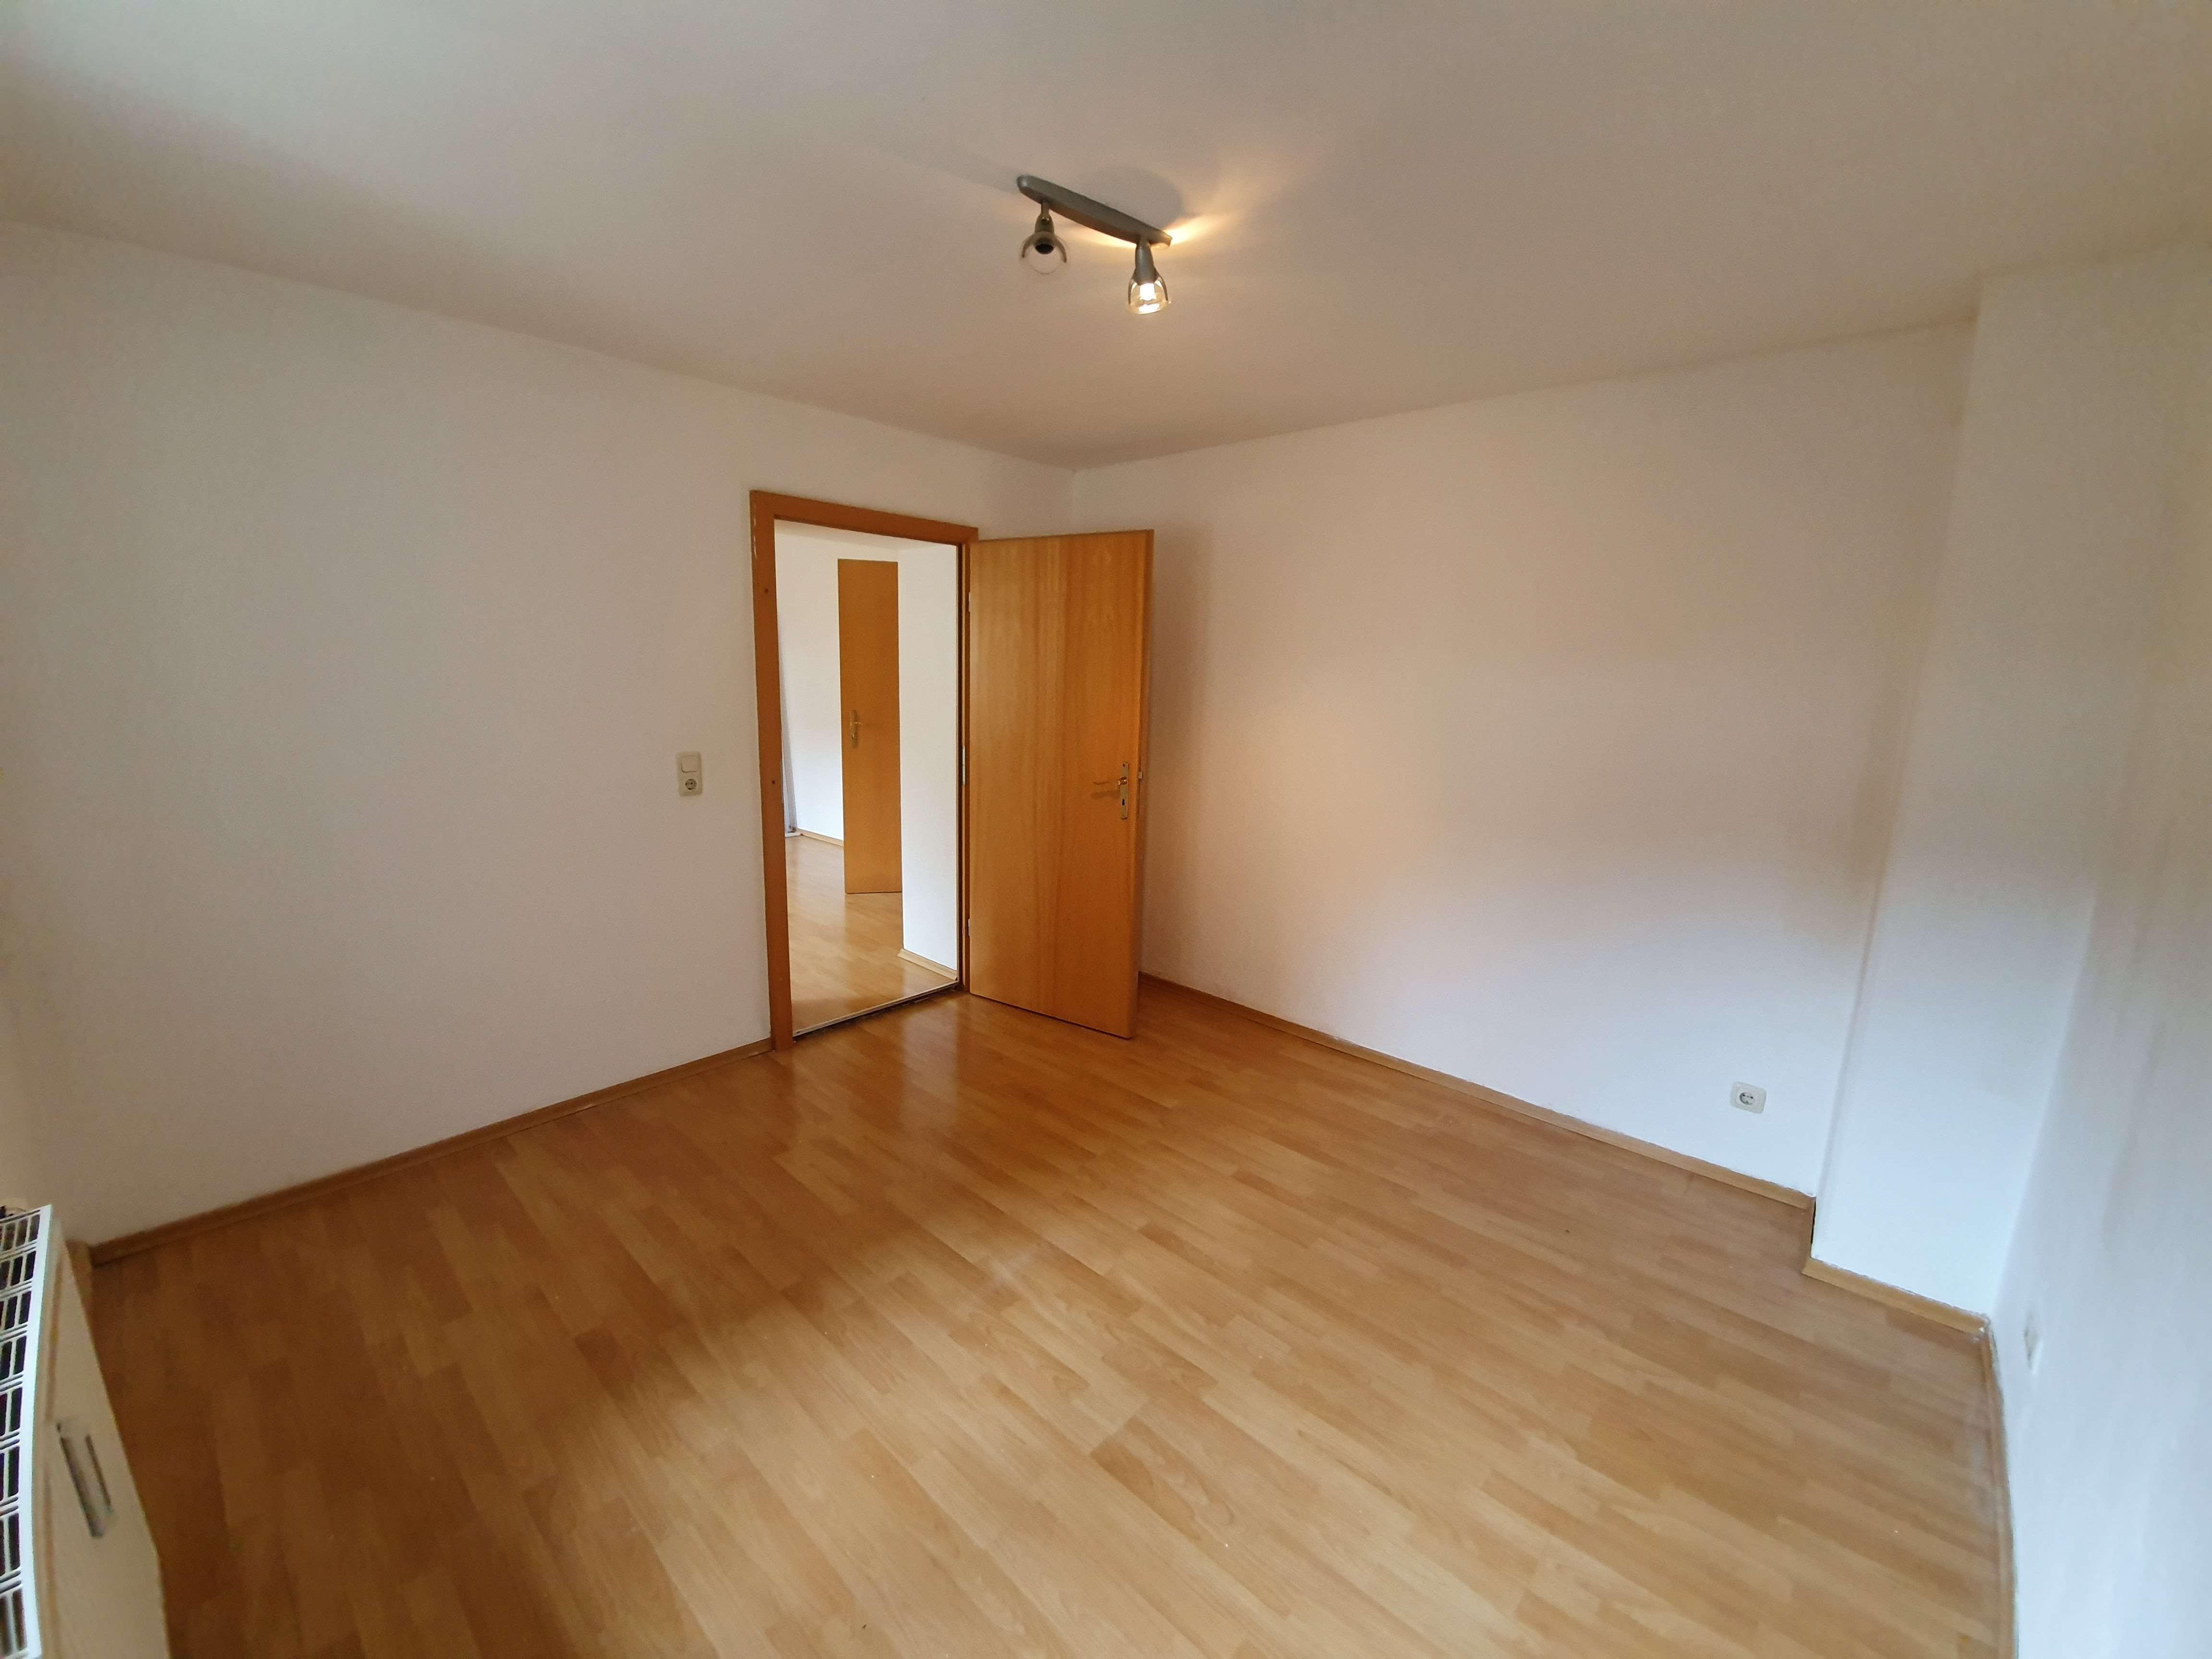 Charmante 2-Zimmer Wohnung in Ortsmitte